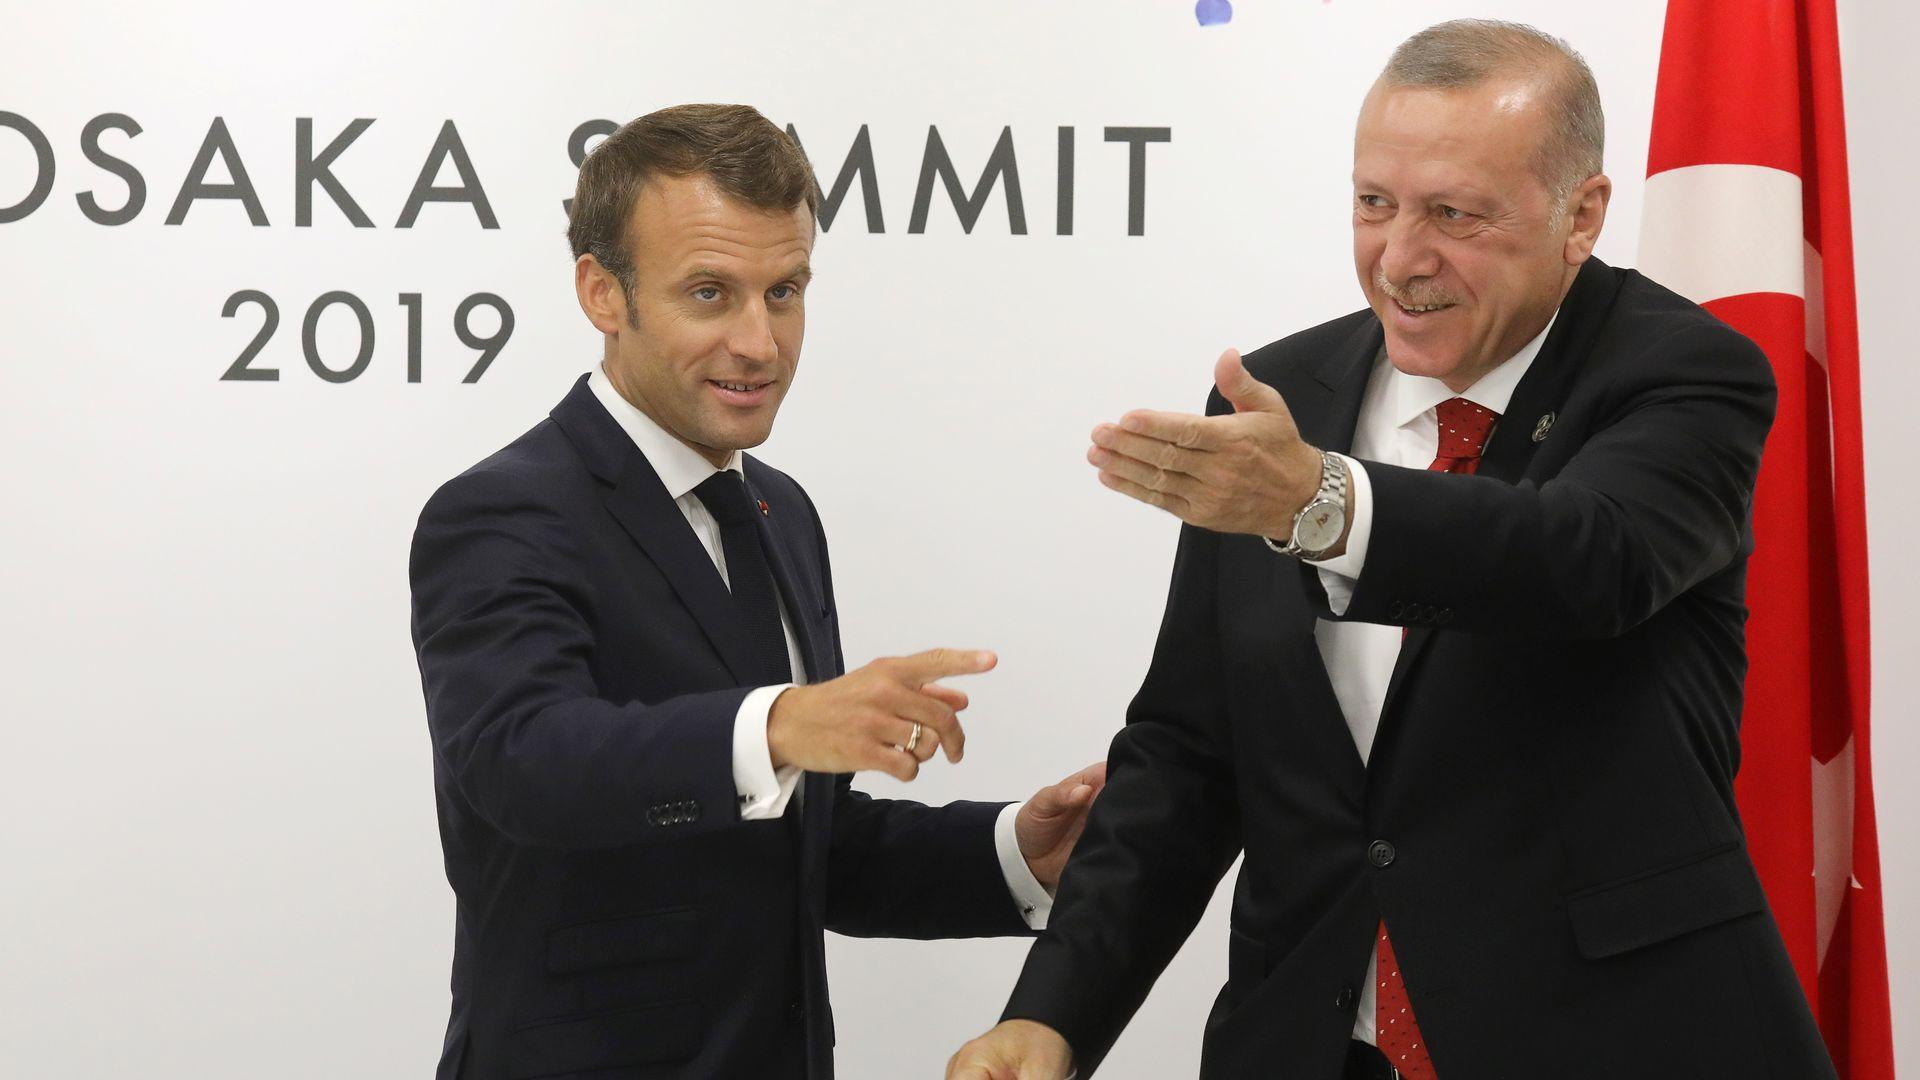 France's President Emmanuel Macron meets Turkey's President Recep Tayyip Erdogan